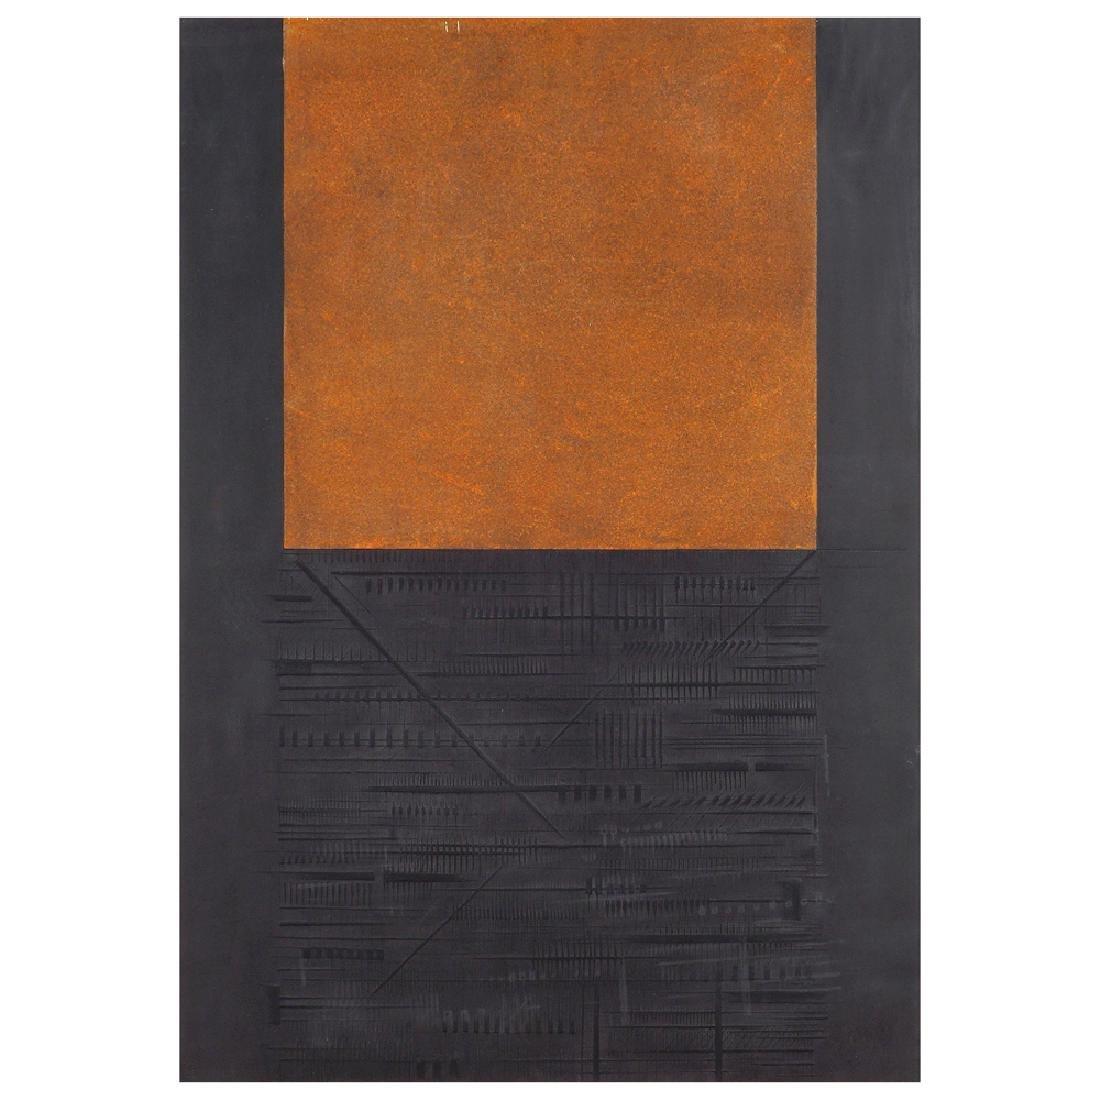 Arnaldo Pomodoro Morciano di Romagna 1926 100x70 cm.